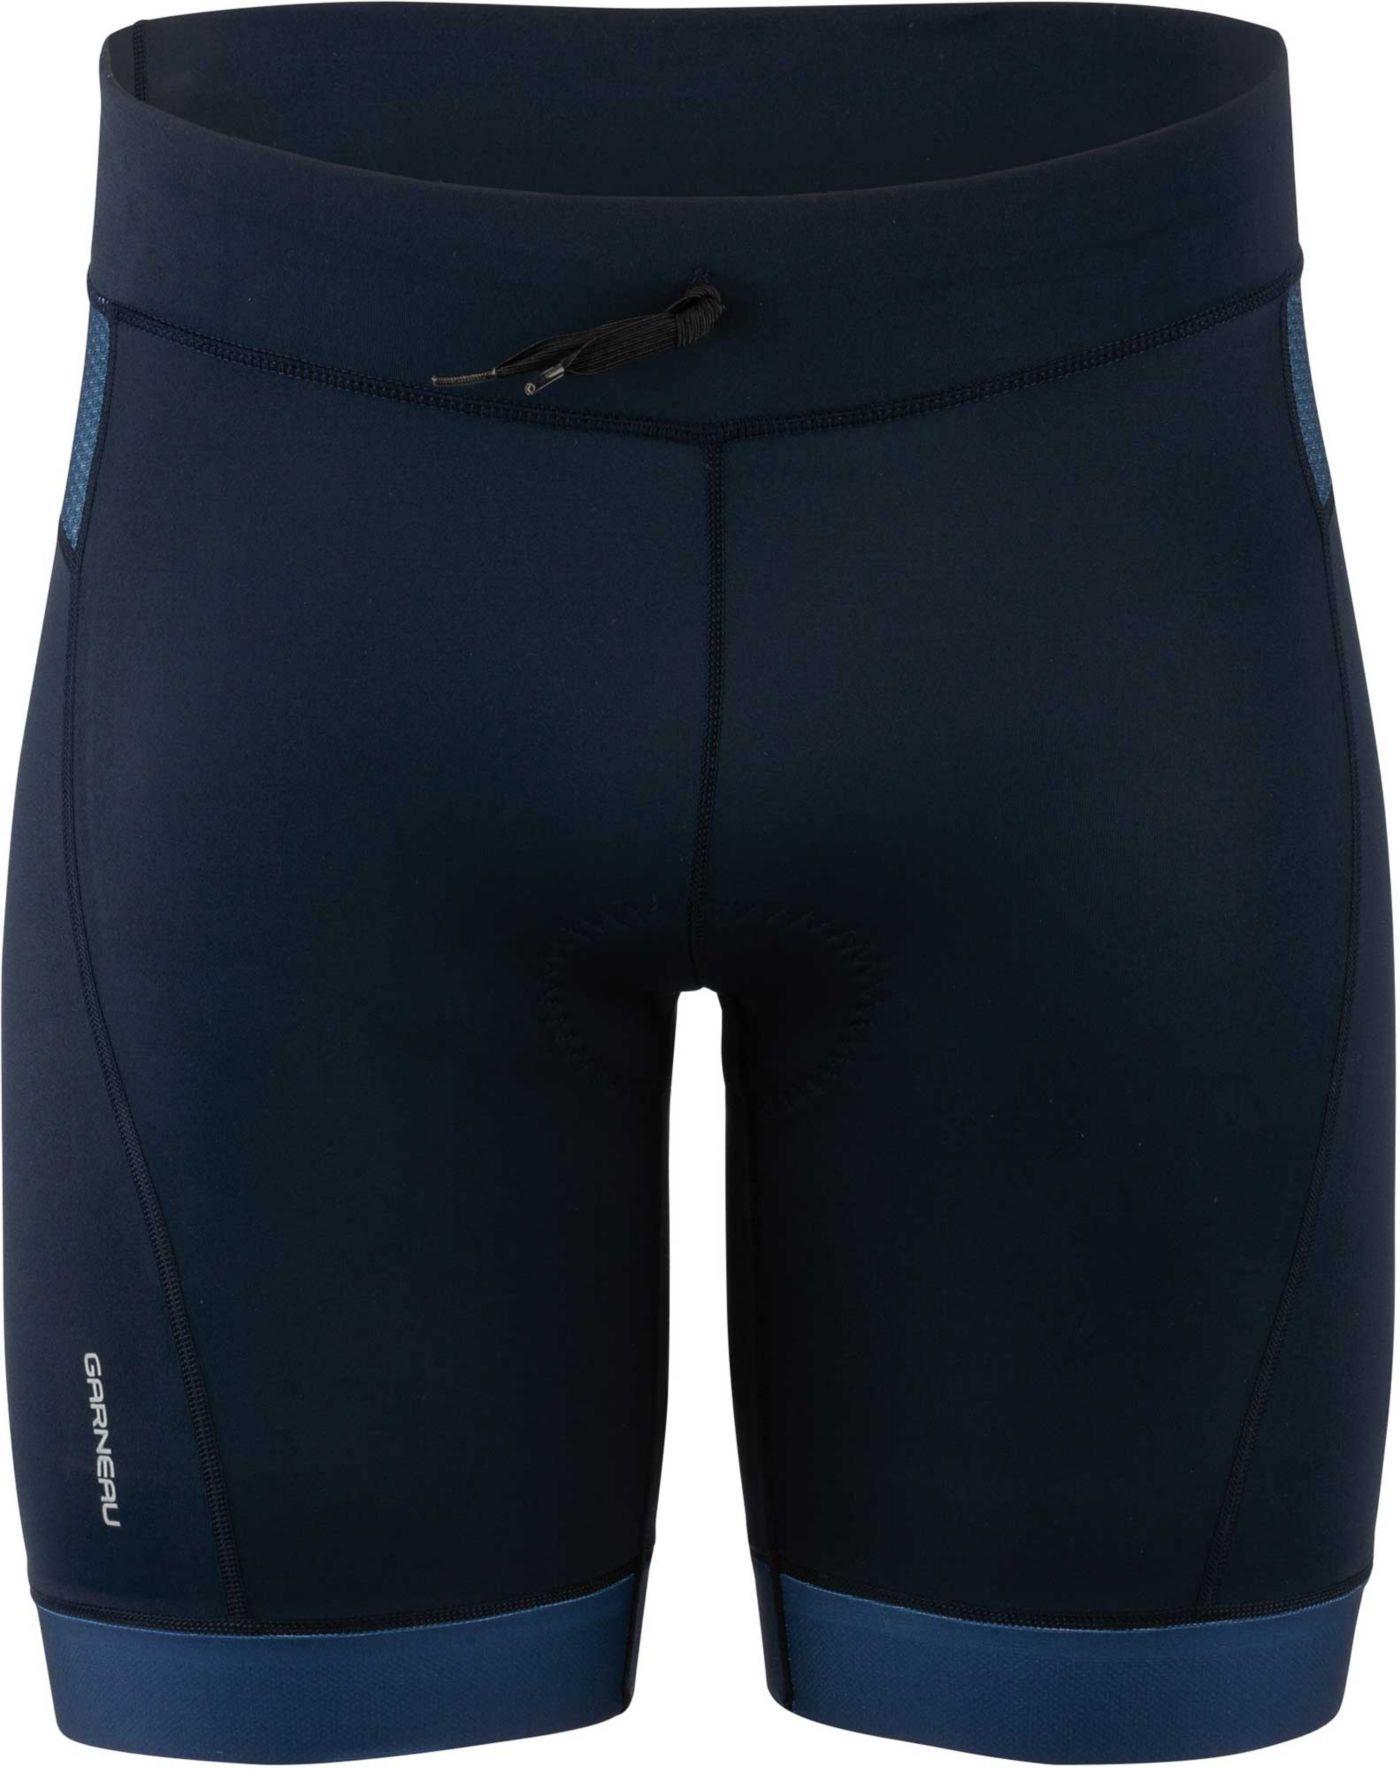 Louis Garneau Men's Sprint Tri Shorts